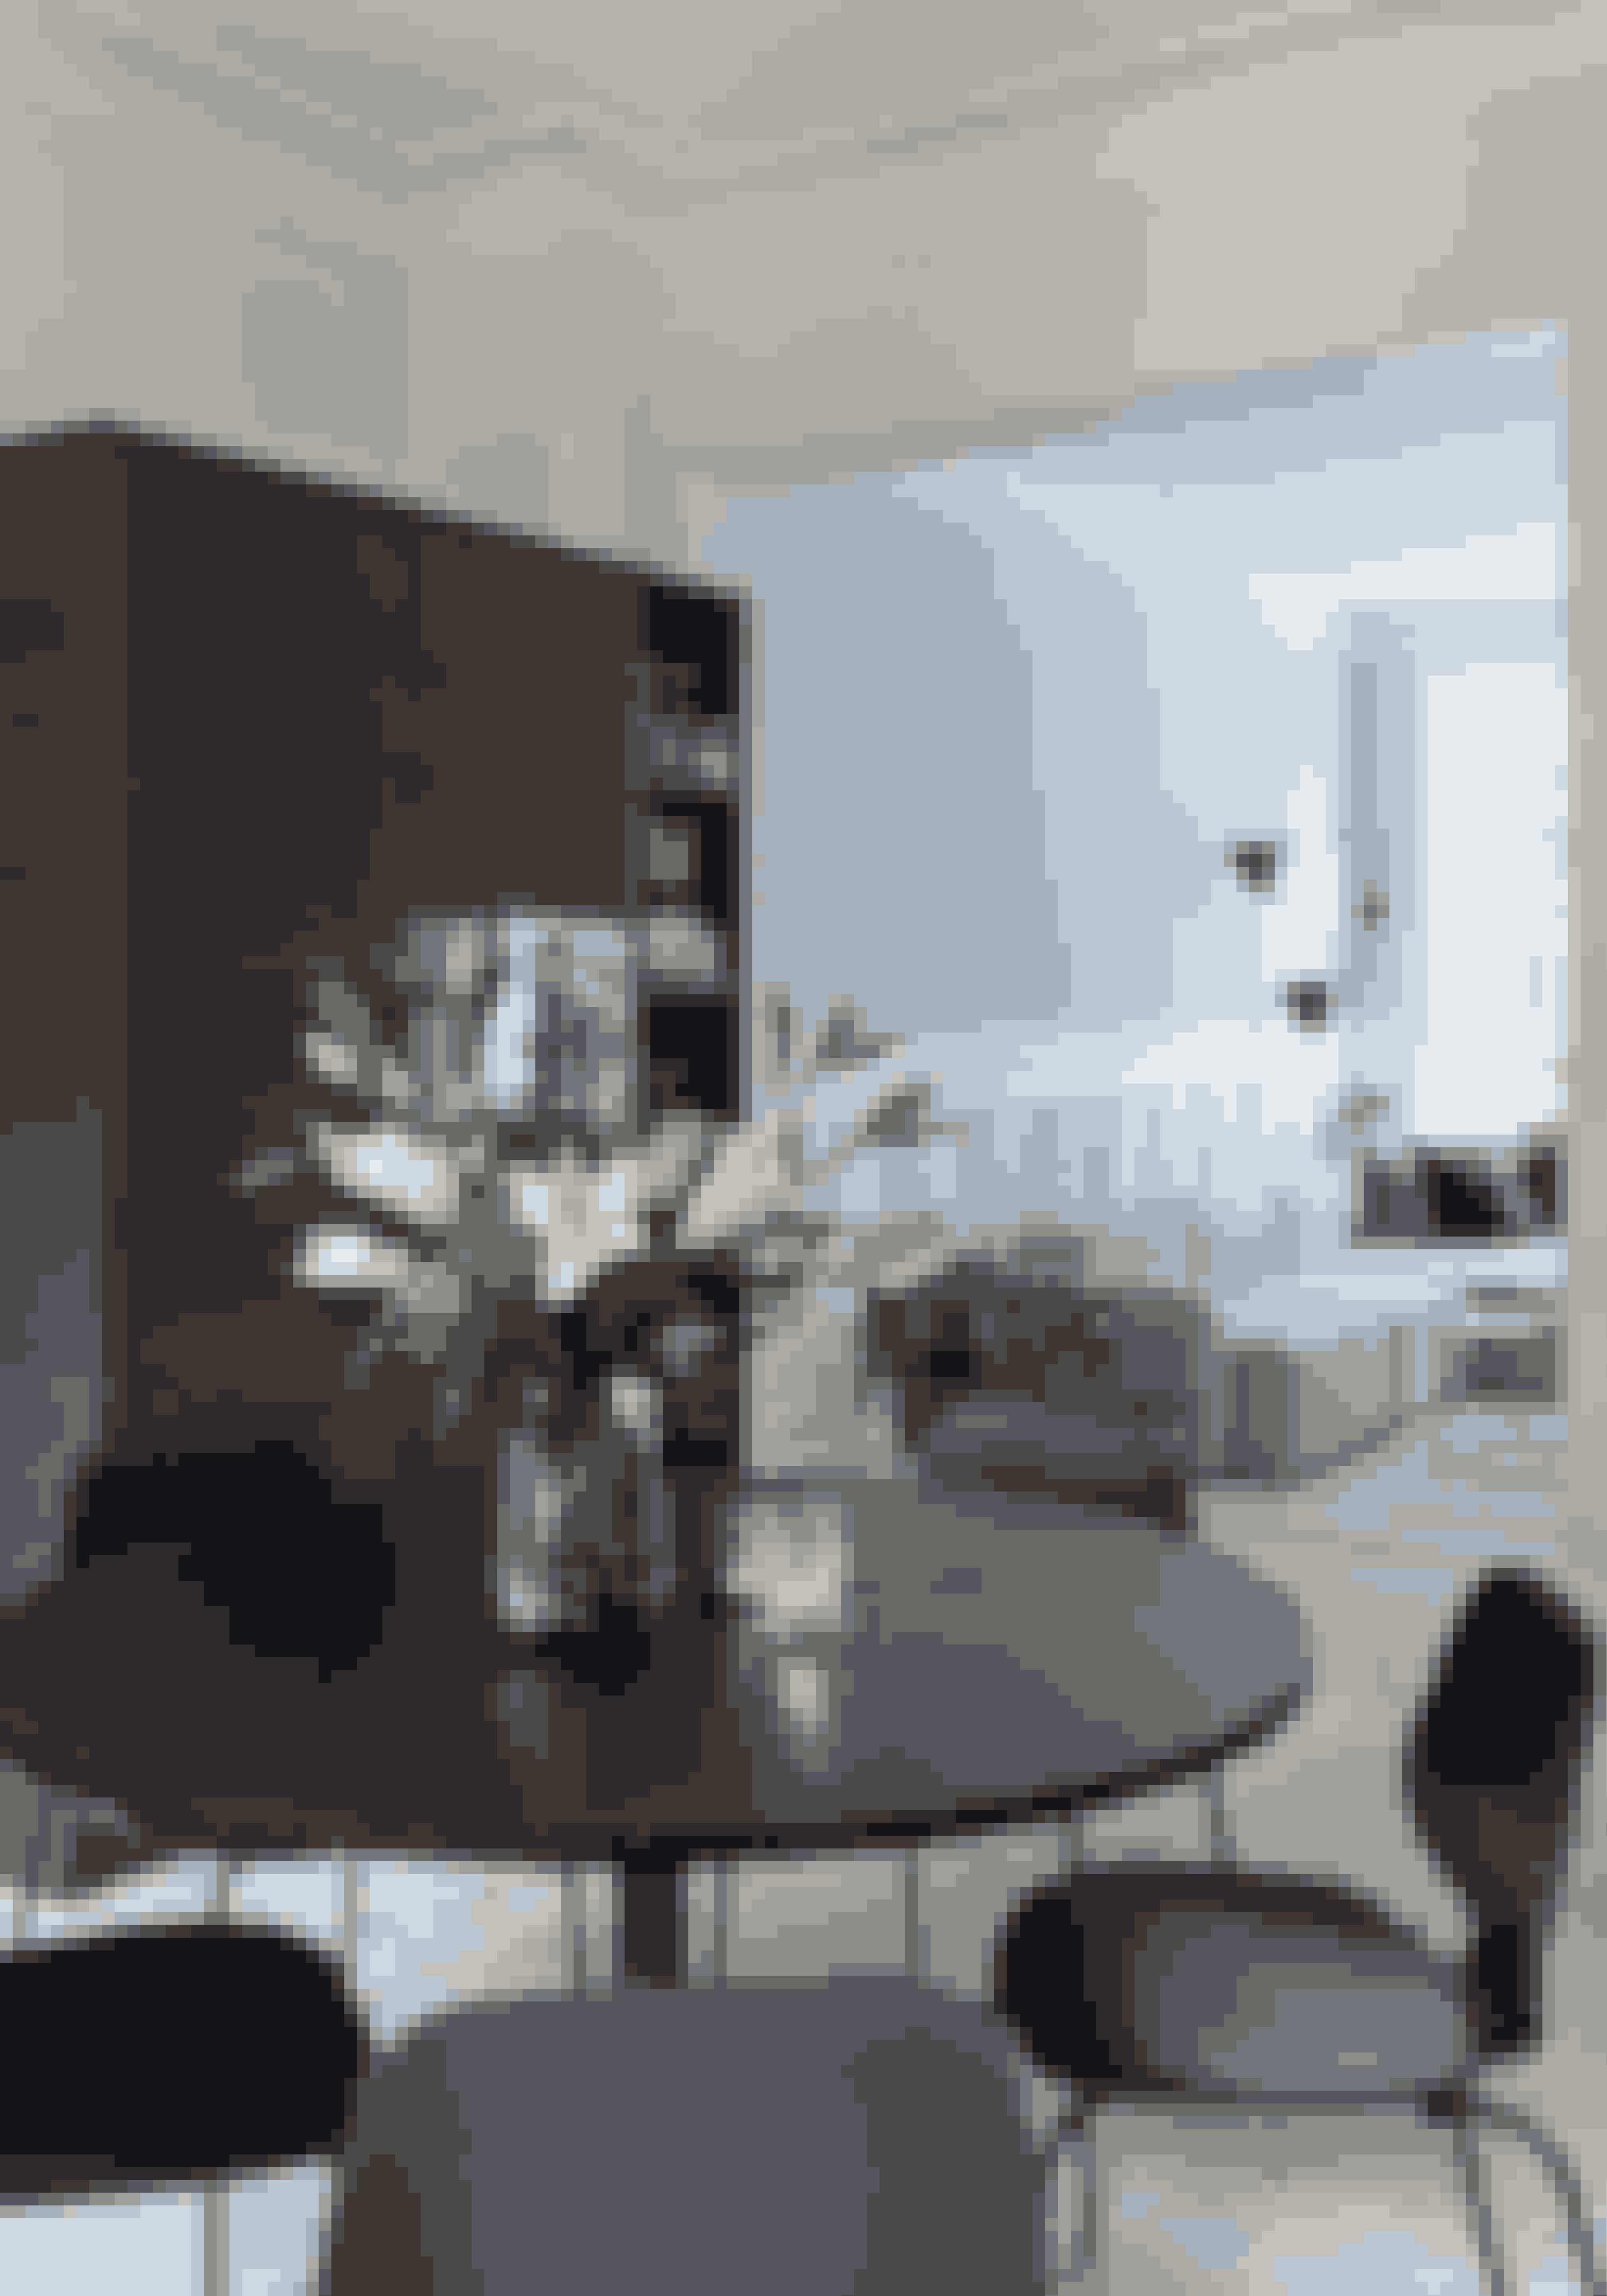 Et rundt bord tager mindre plads og bløder ofte et rum op. Det kan derfor være smart, hvis spisepladsen er i køkkenet, og I kan nemt sætte ekstra stole til, når der kommer gæster. Bordpladen er fra Hay sat ovenpå en fod lavet hos Rackbuddy. Spisebordstolene er fra Normann Copenhagen.